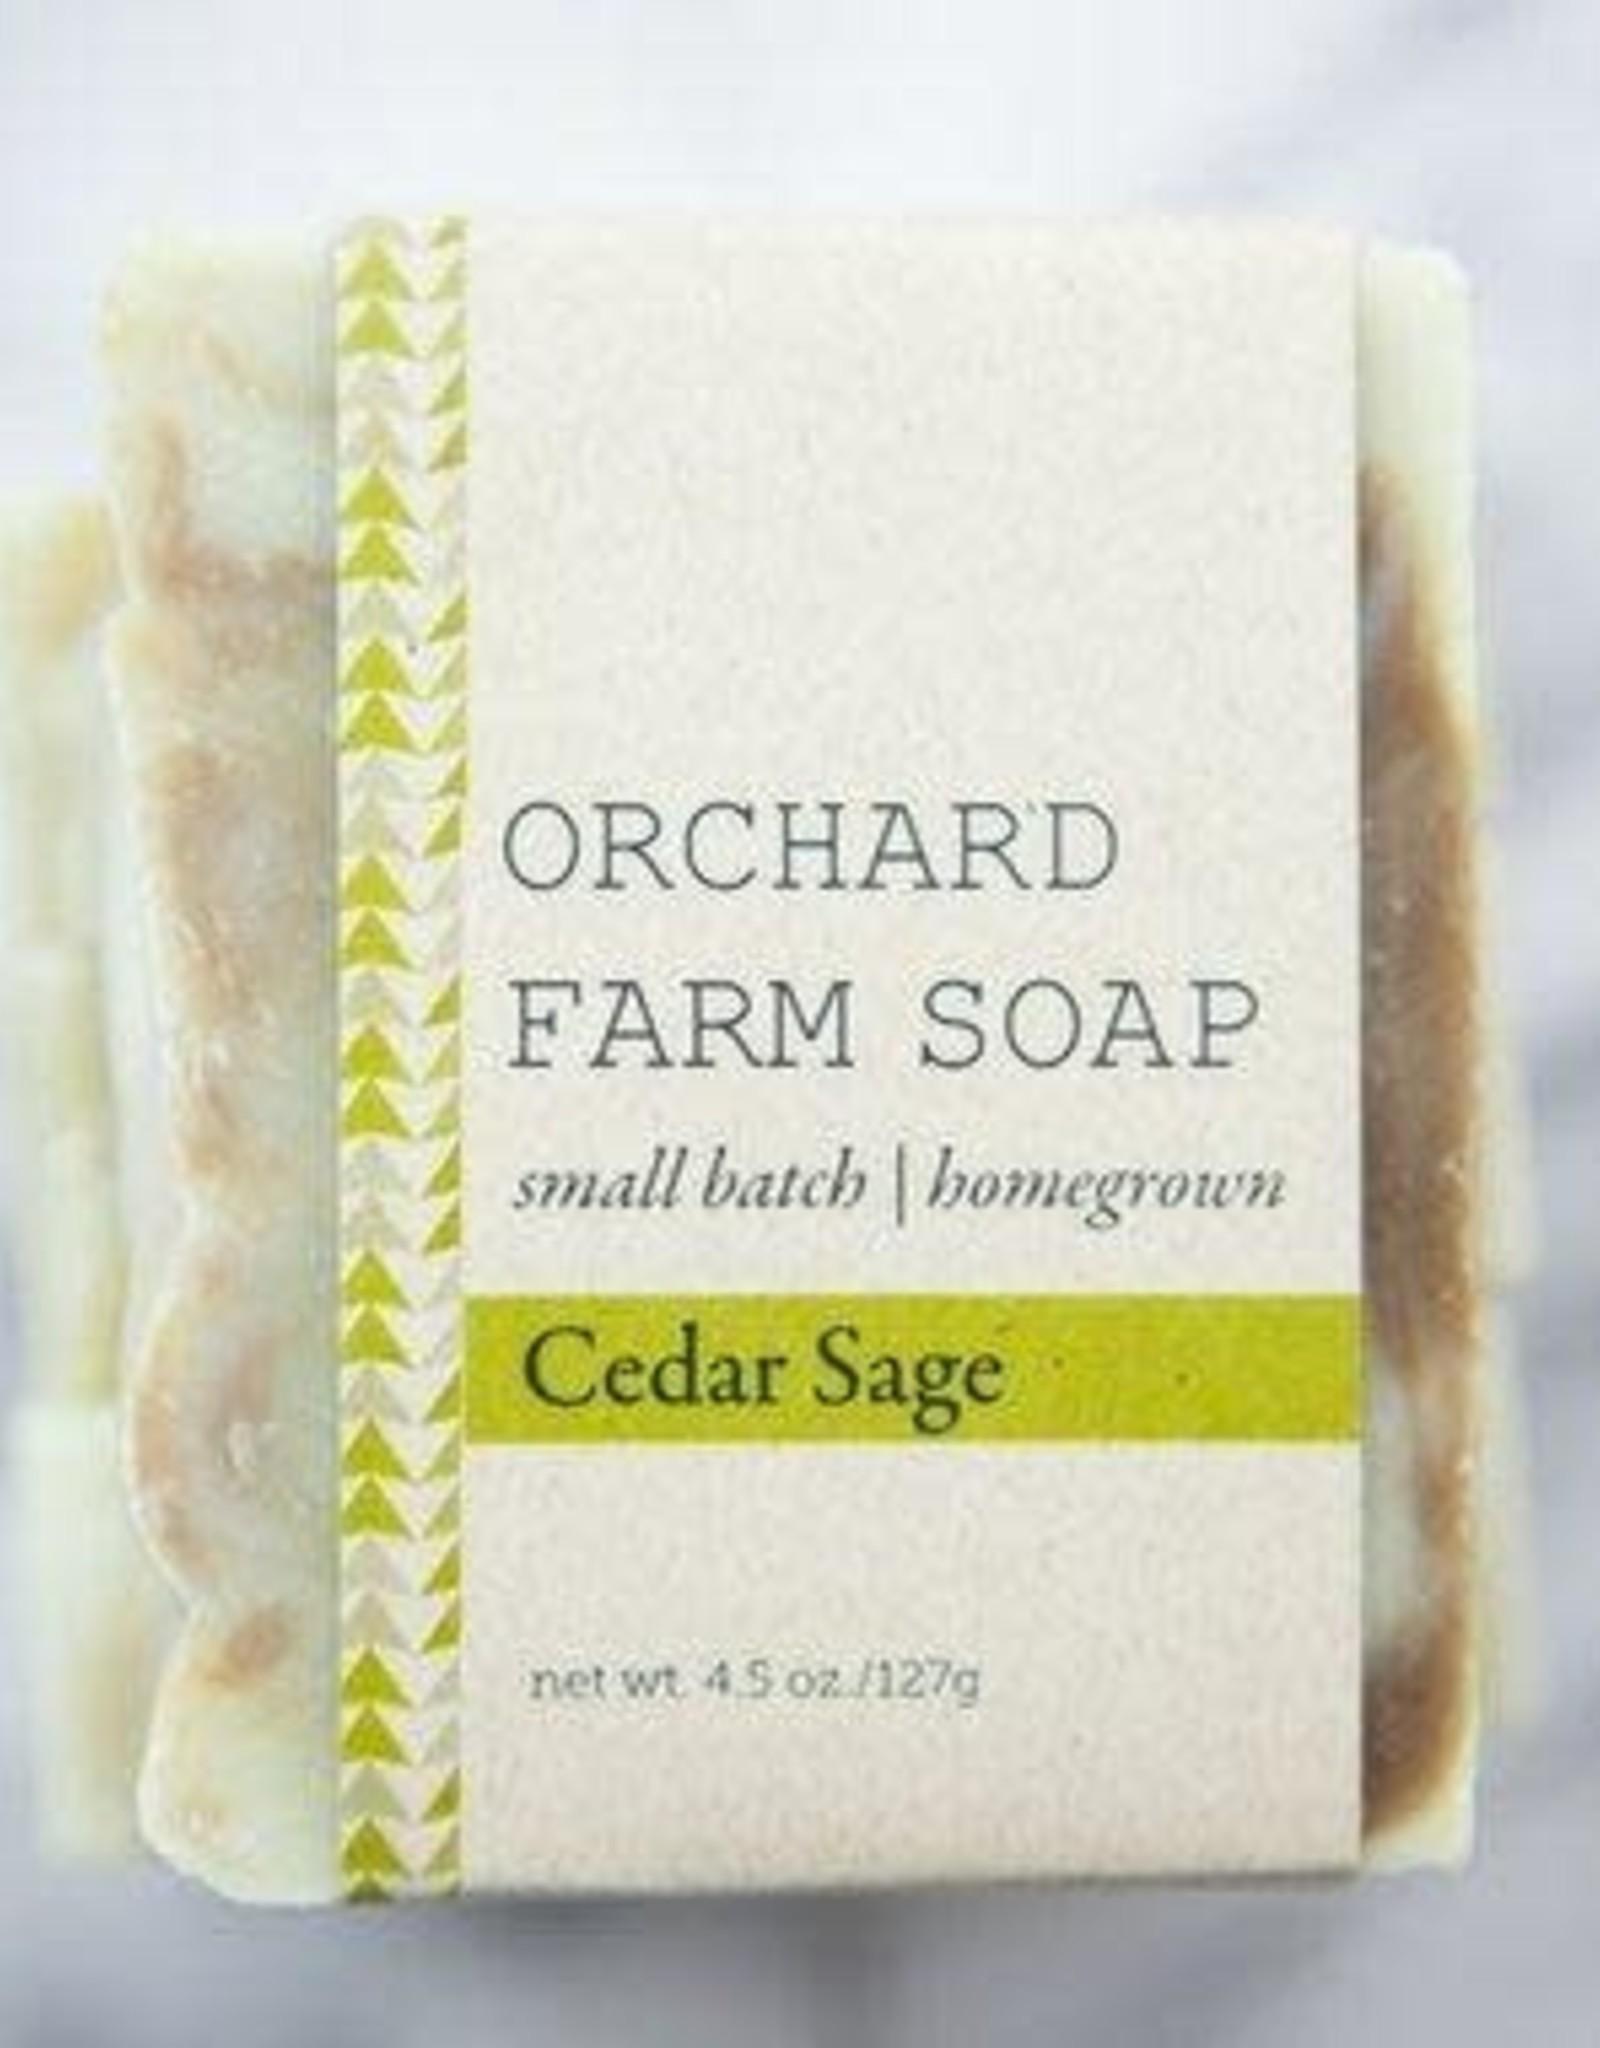 SOAP-CEDAR SAGE